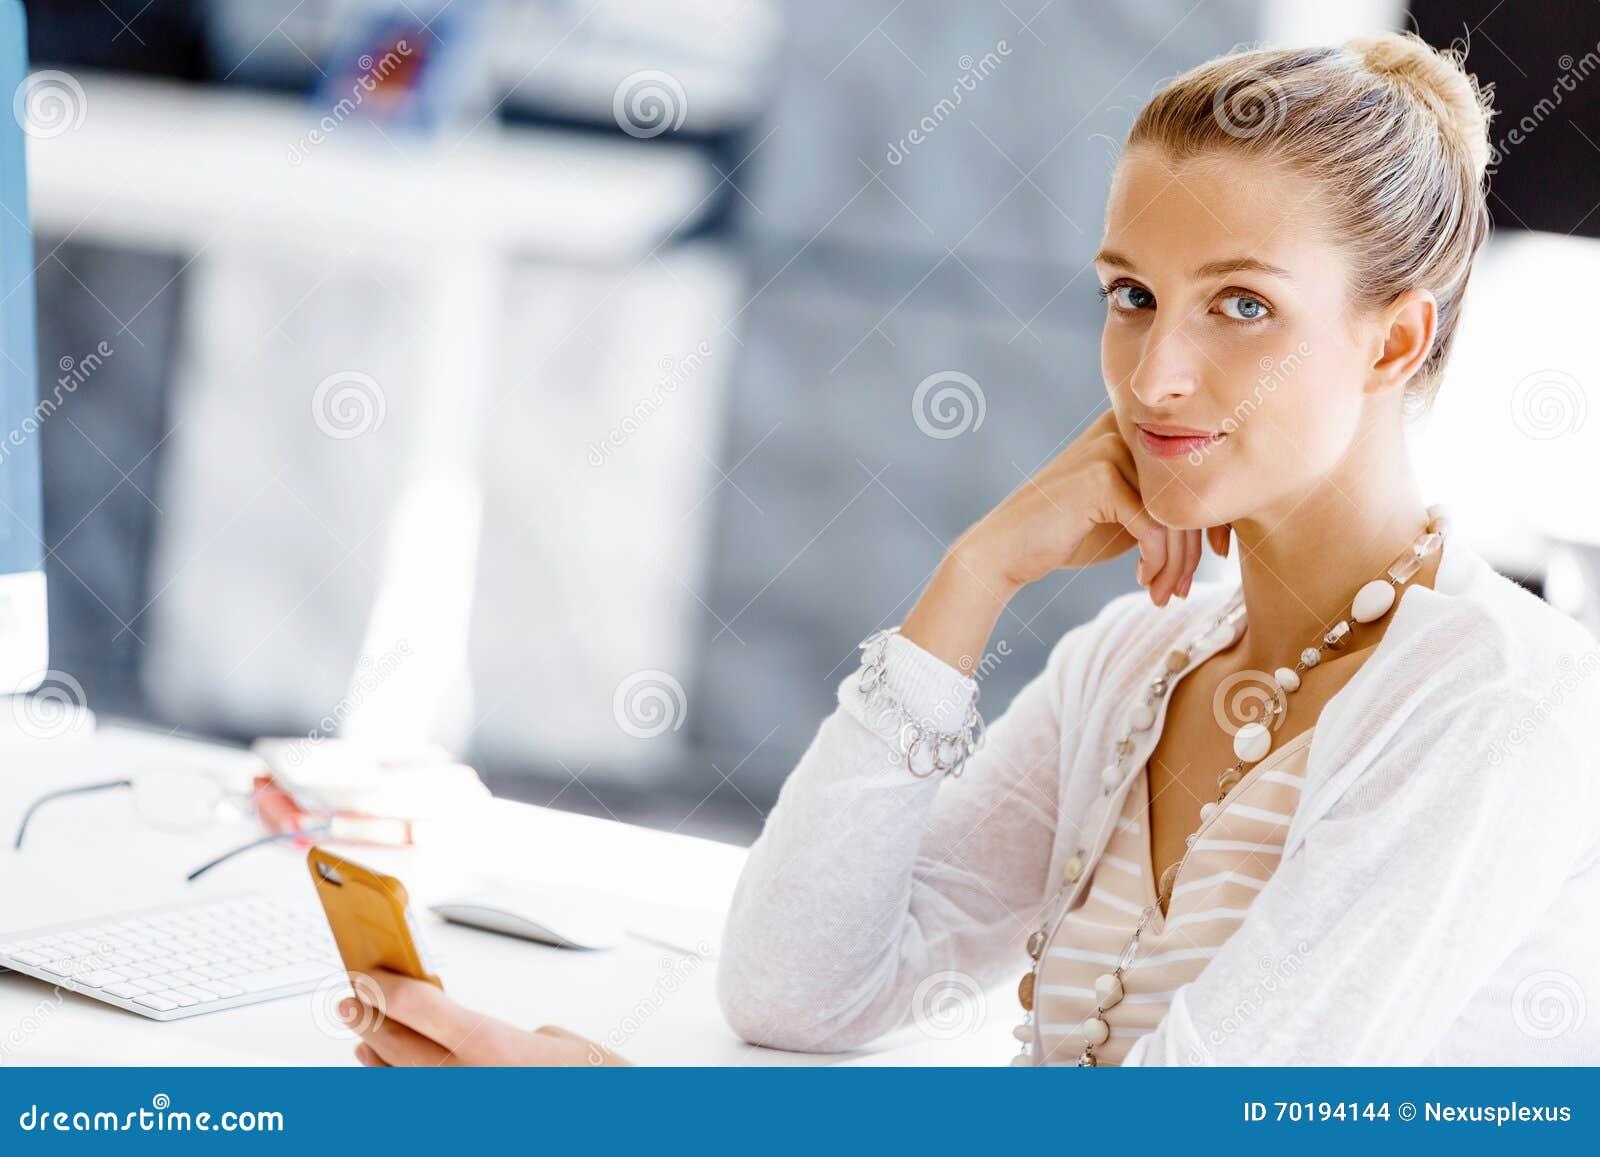 Sittande arbetare för attraktivt skrivbordkontor